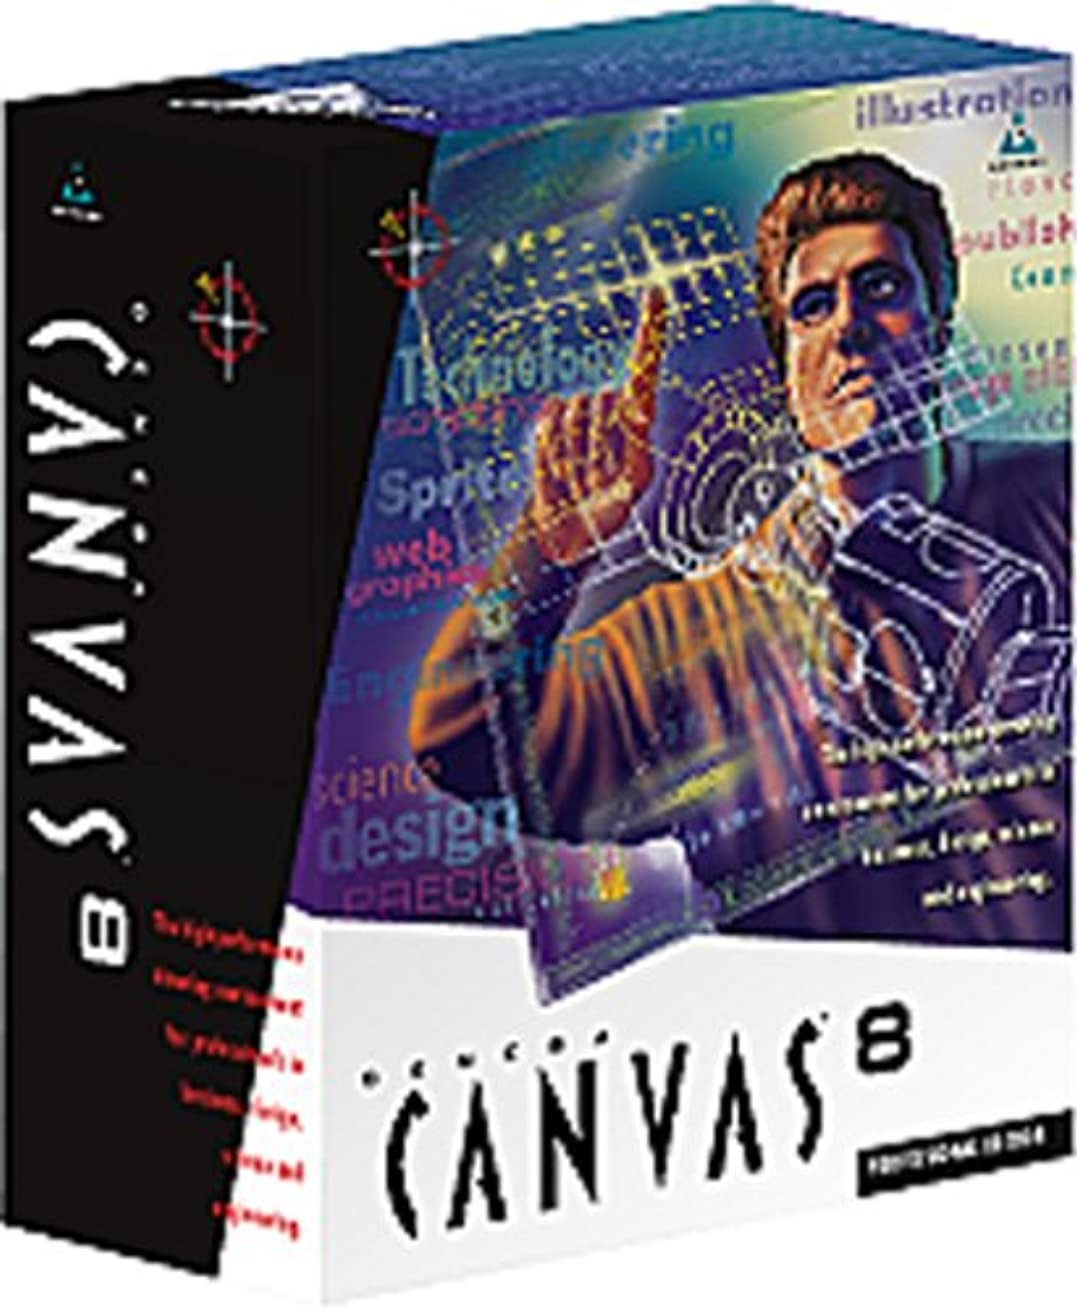 高層ビル気体の専門用語CANVAS 8 シングル (E)